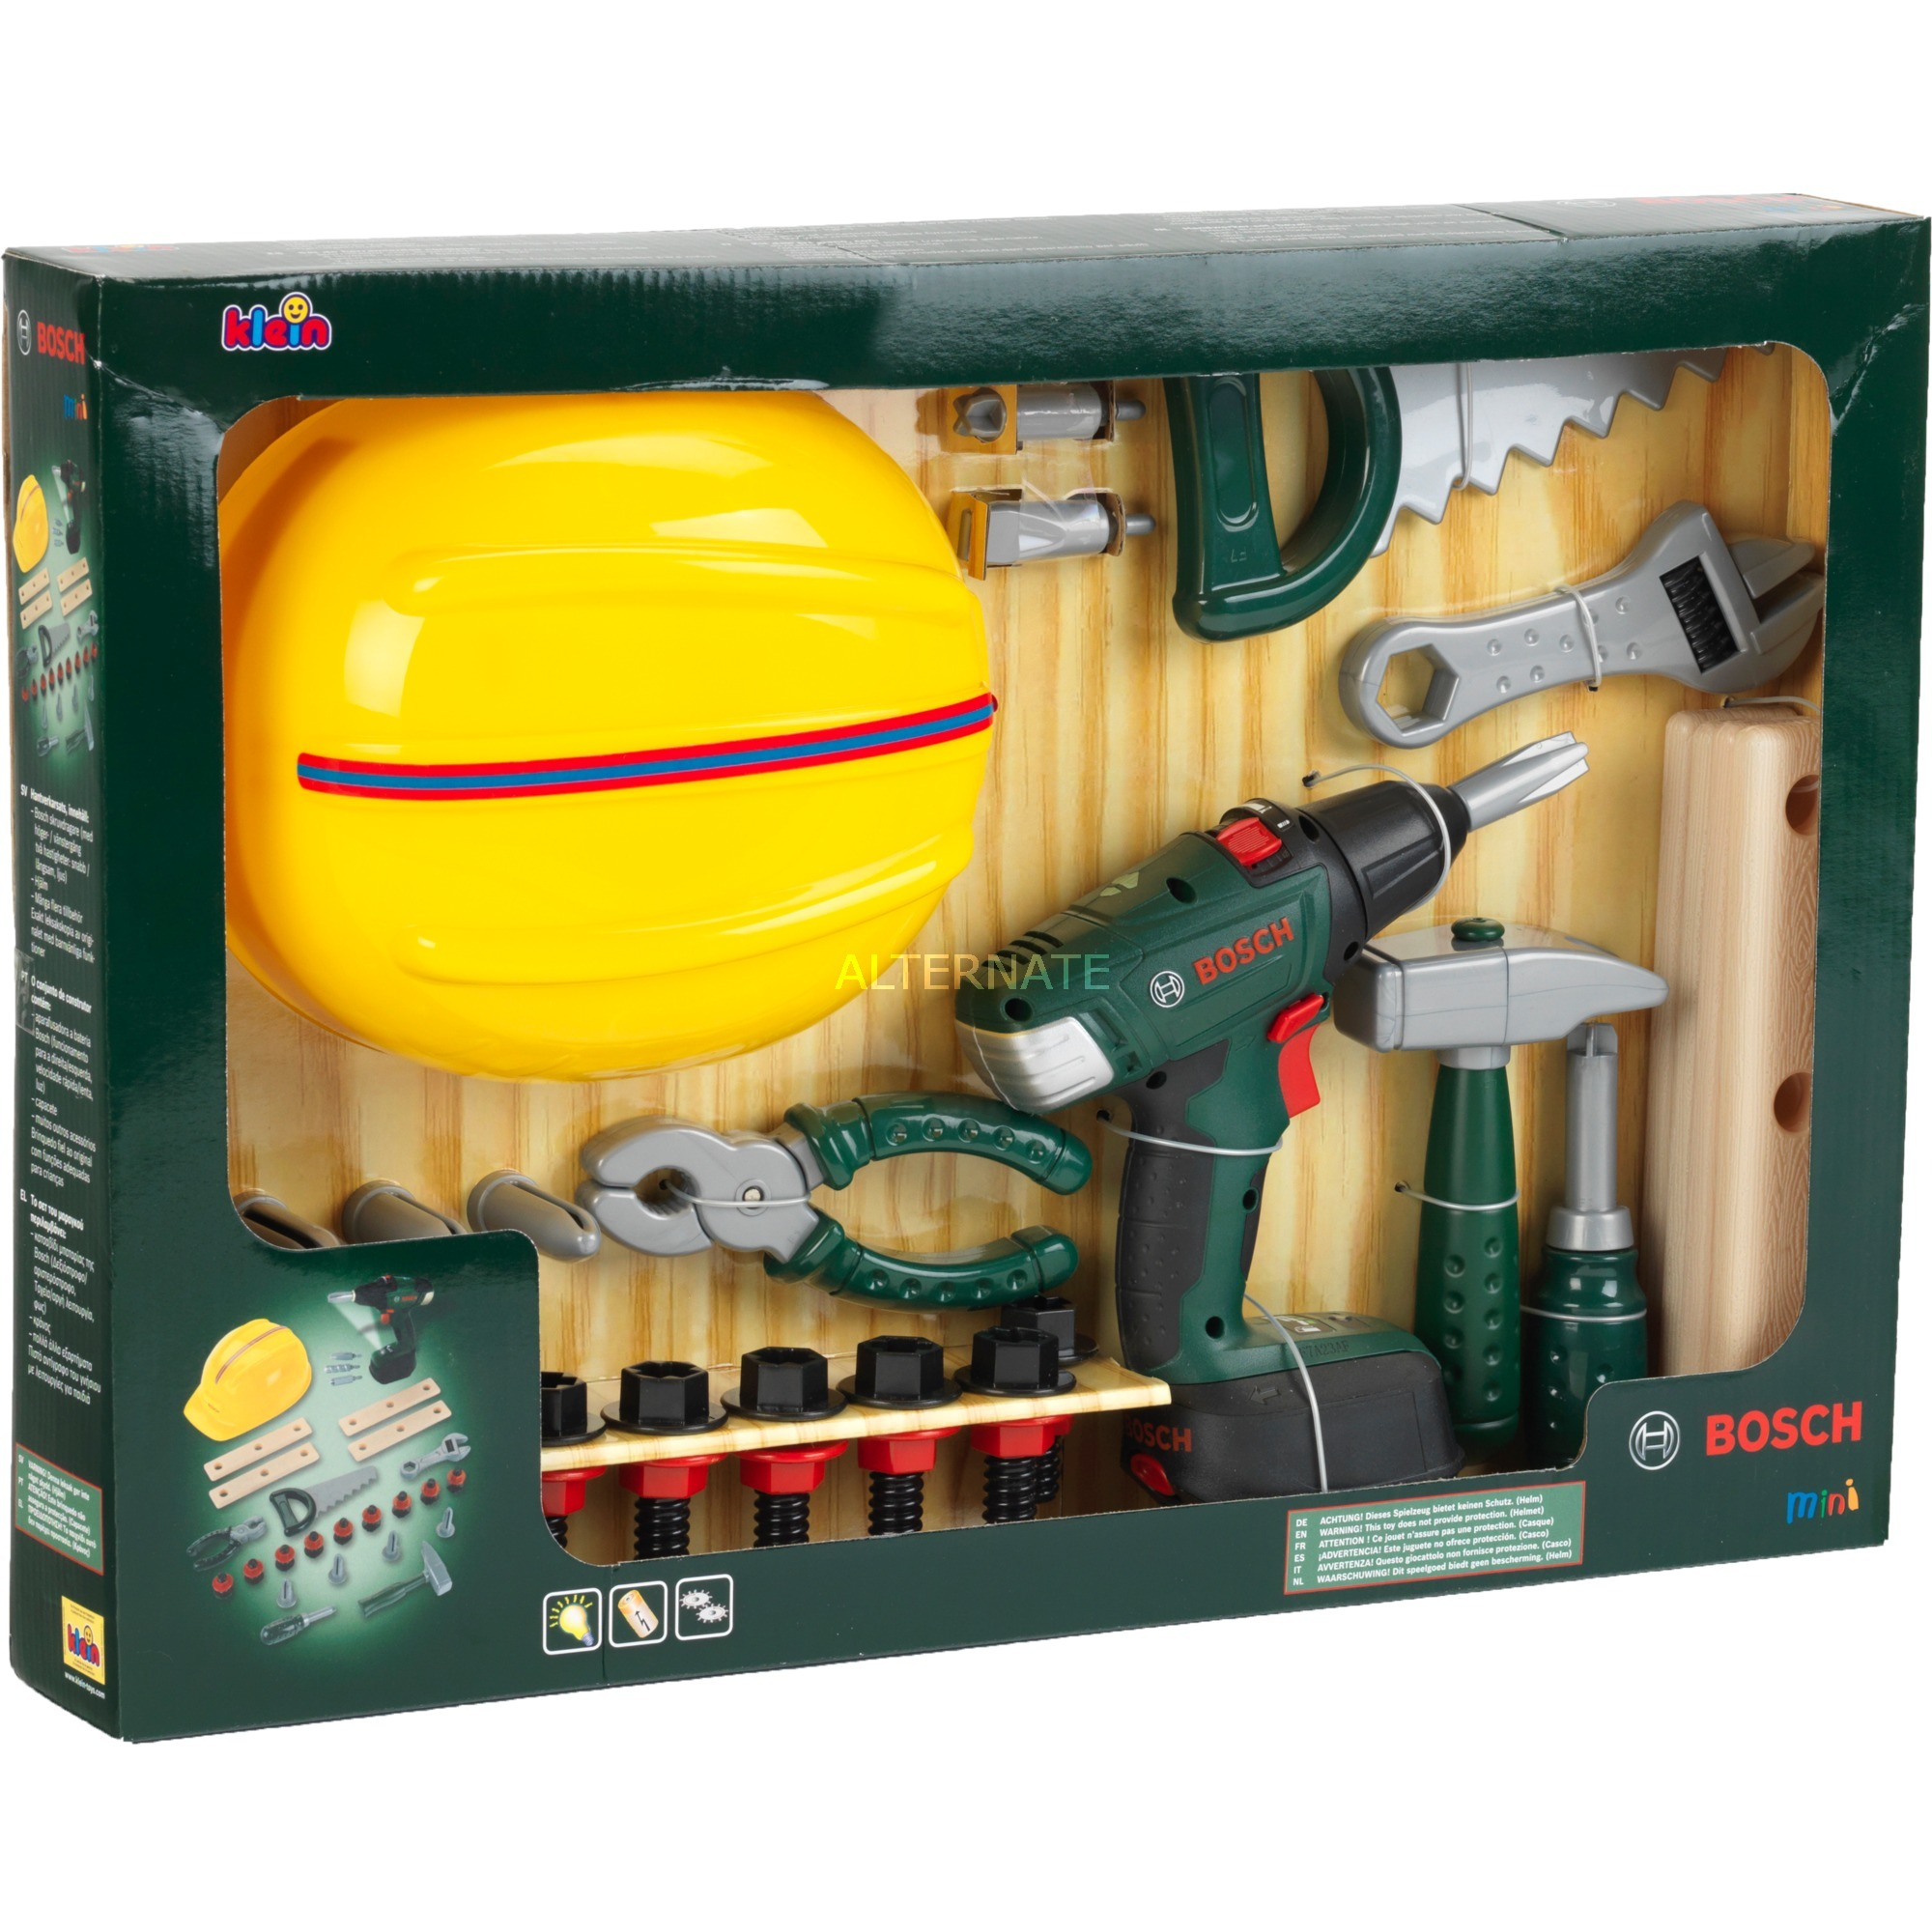 Image of Bosch Handwerker-Set, Kinderwerkzeug